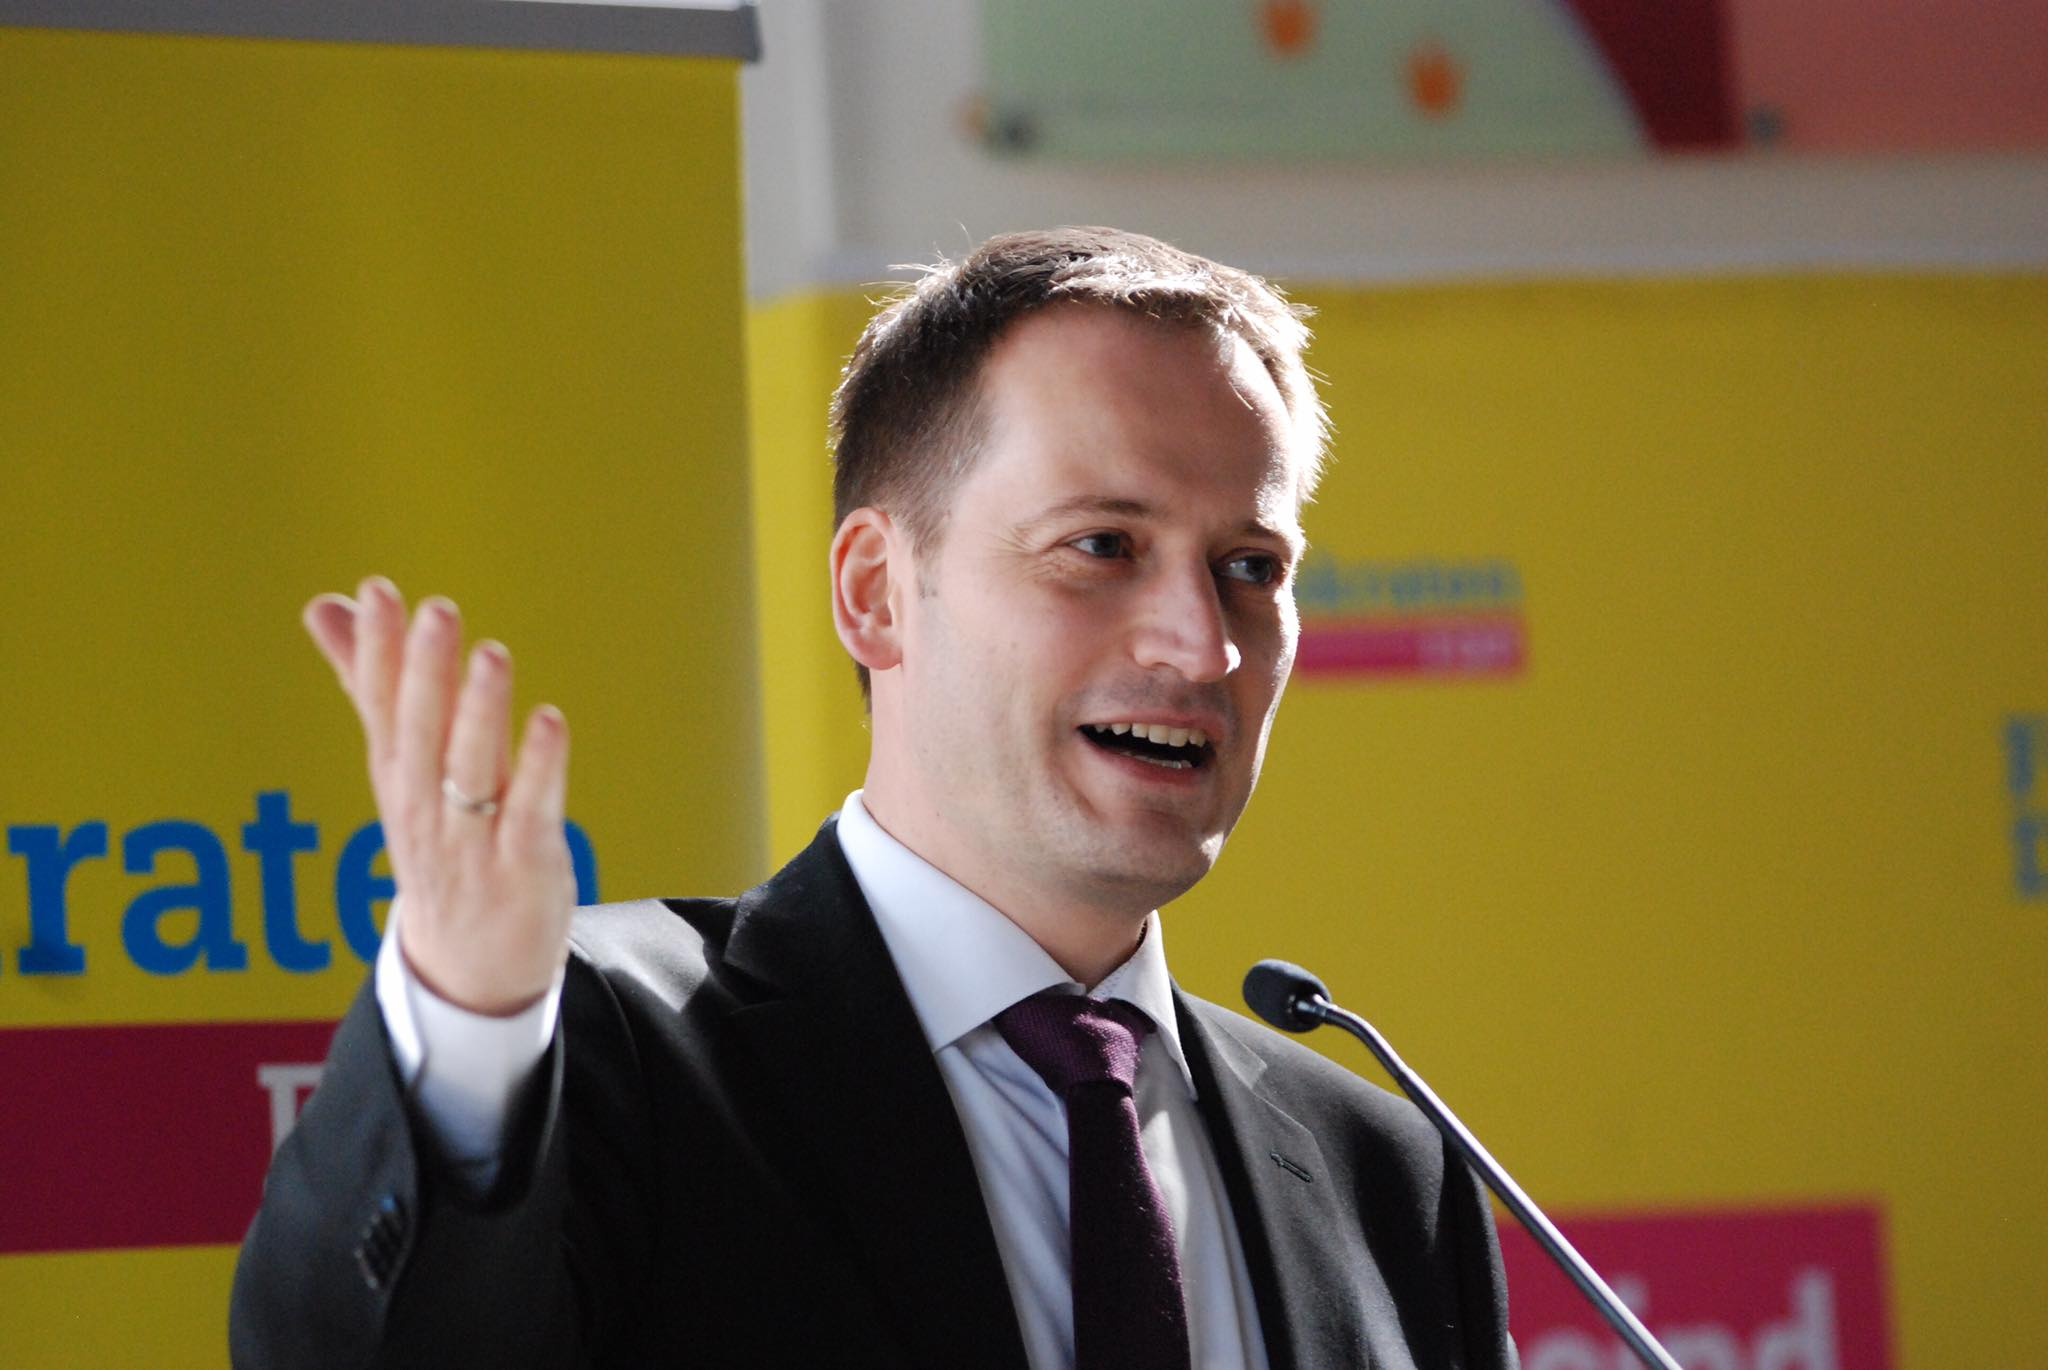 Manuel Höferlin, Spitzenkandidat der FDP Rheinland-Pfalz zur Bundestagswahl 2017